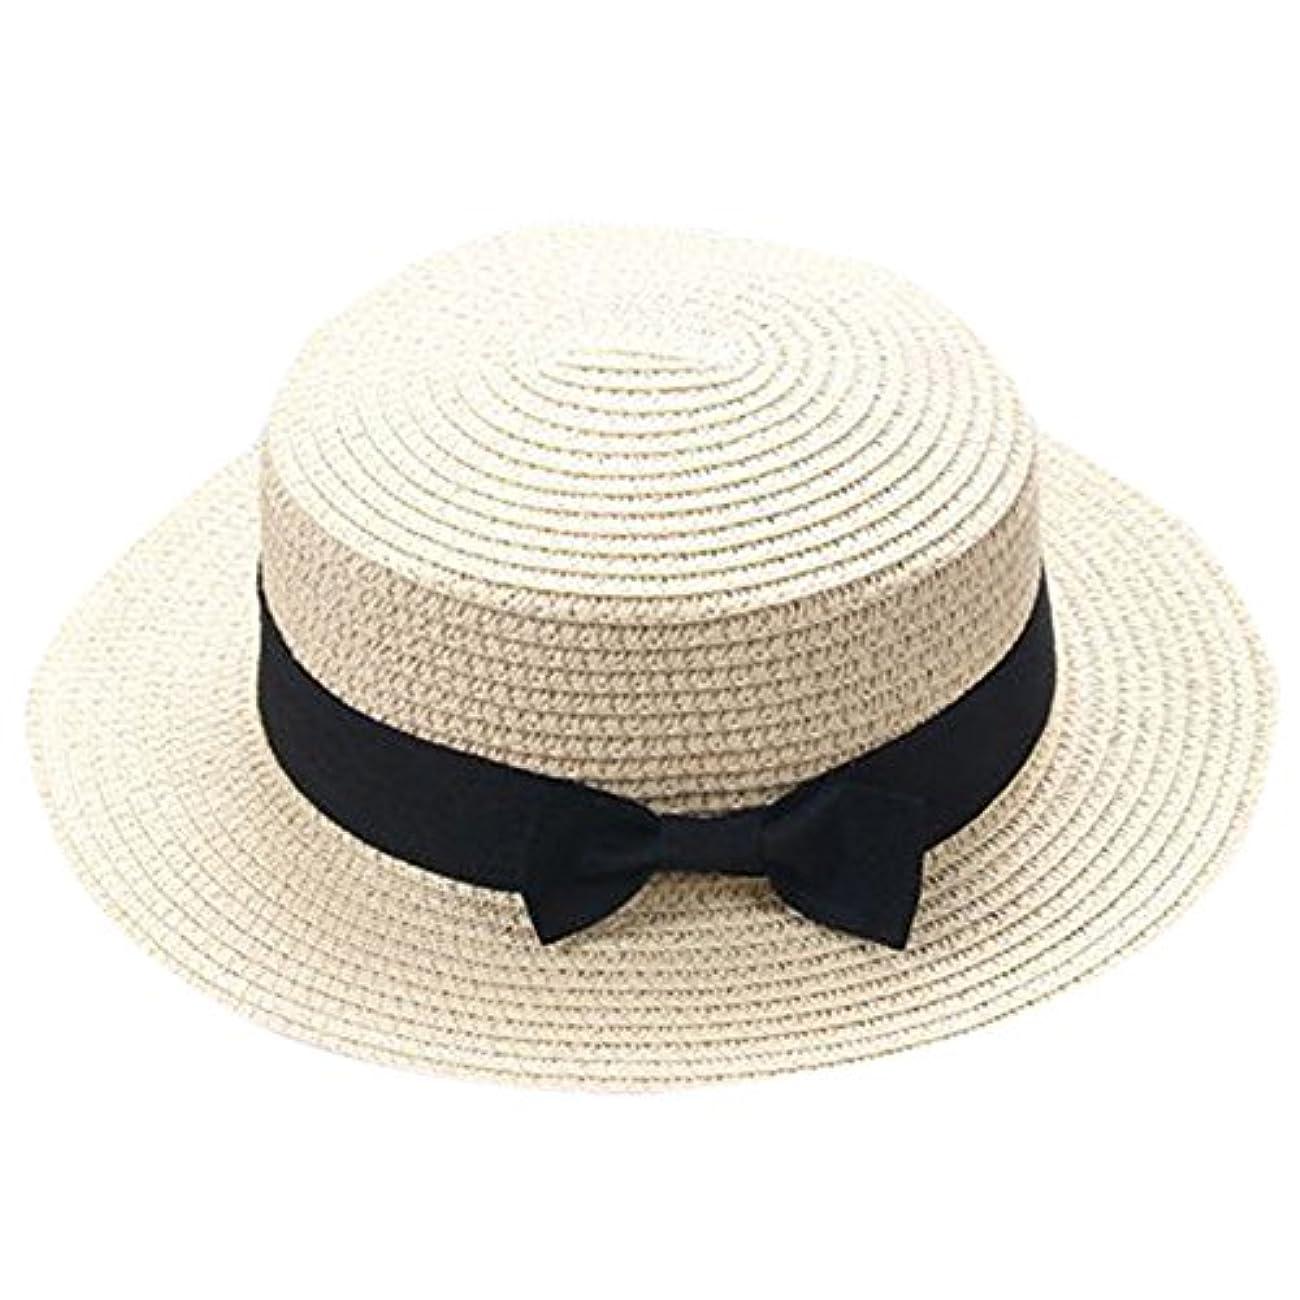 キャップ キッズ 日よけ 帽子 小顔効果抜群 旅行用 日よけ 夏 ビーチ 海辺 かわいい リゾート 紫外線対策 男女兼用 日焼け防止 熱中症予防 取り外すあご紐 つば広 おしゃれ 可愛い 夏 ROSE ROMAN